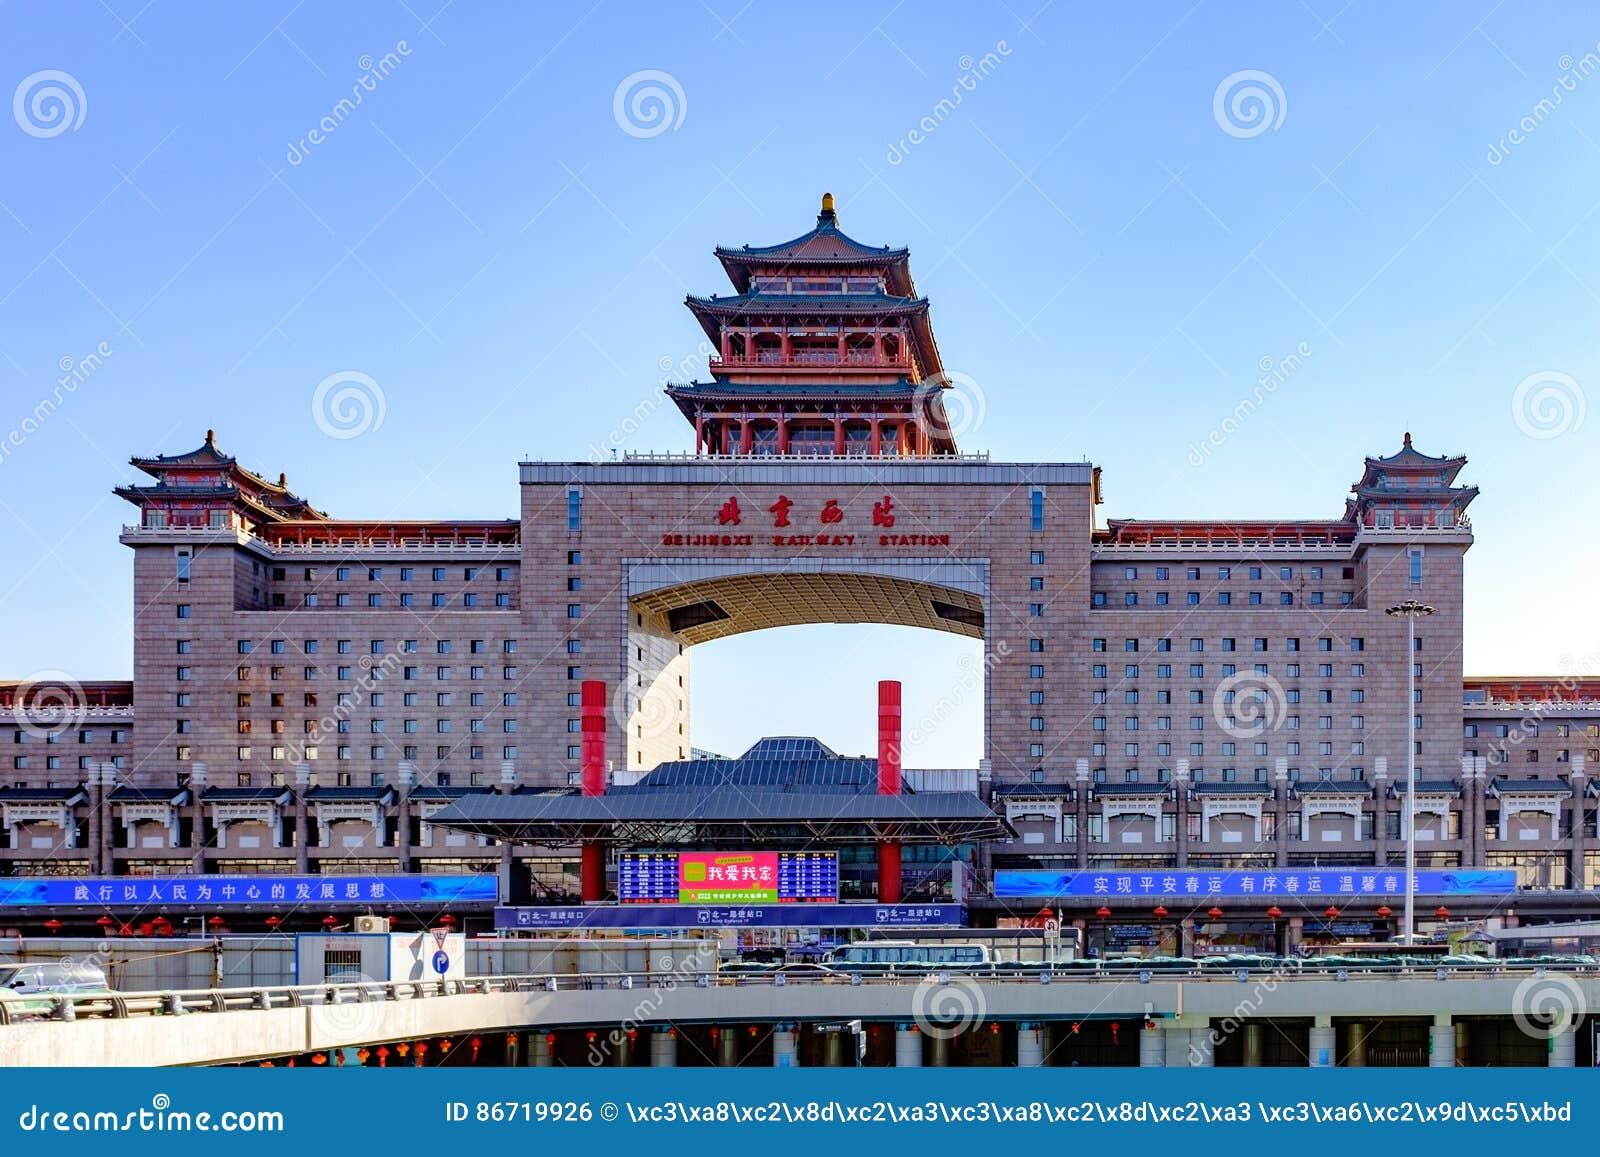 Beijing landmark building——Beijing West Railway Station